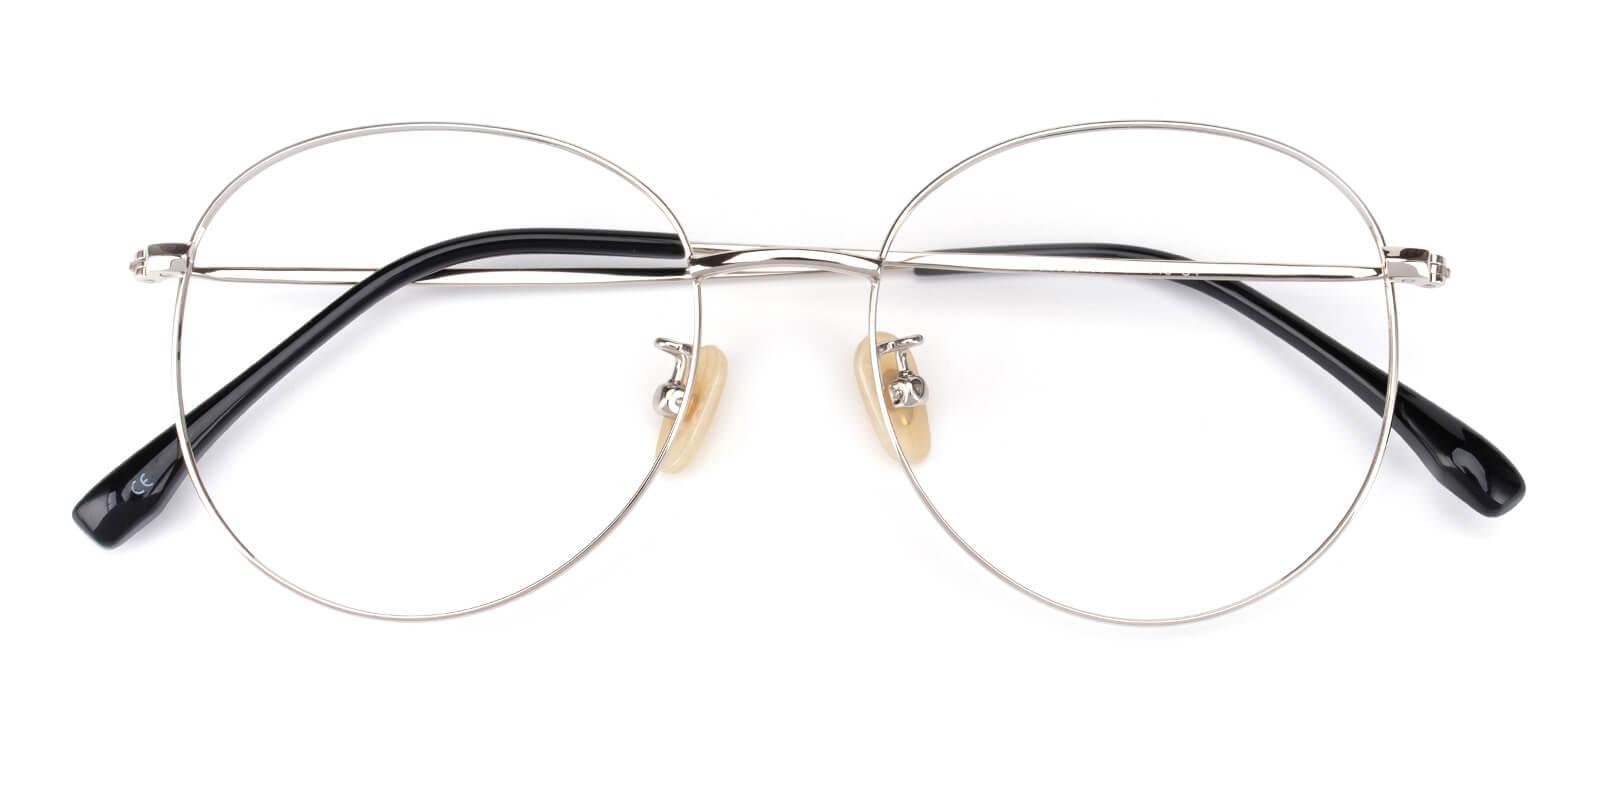 Epilogue-Silver-Round-Titanium-Eyeglasses-detail